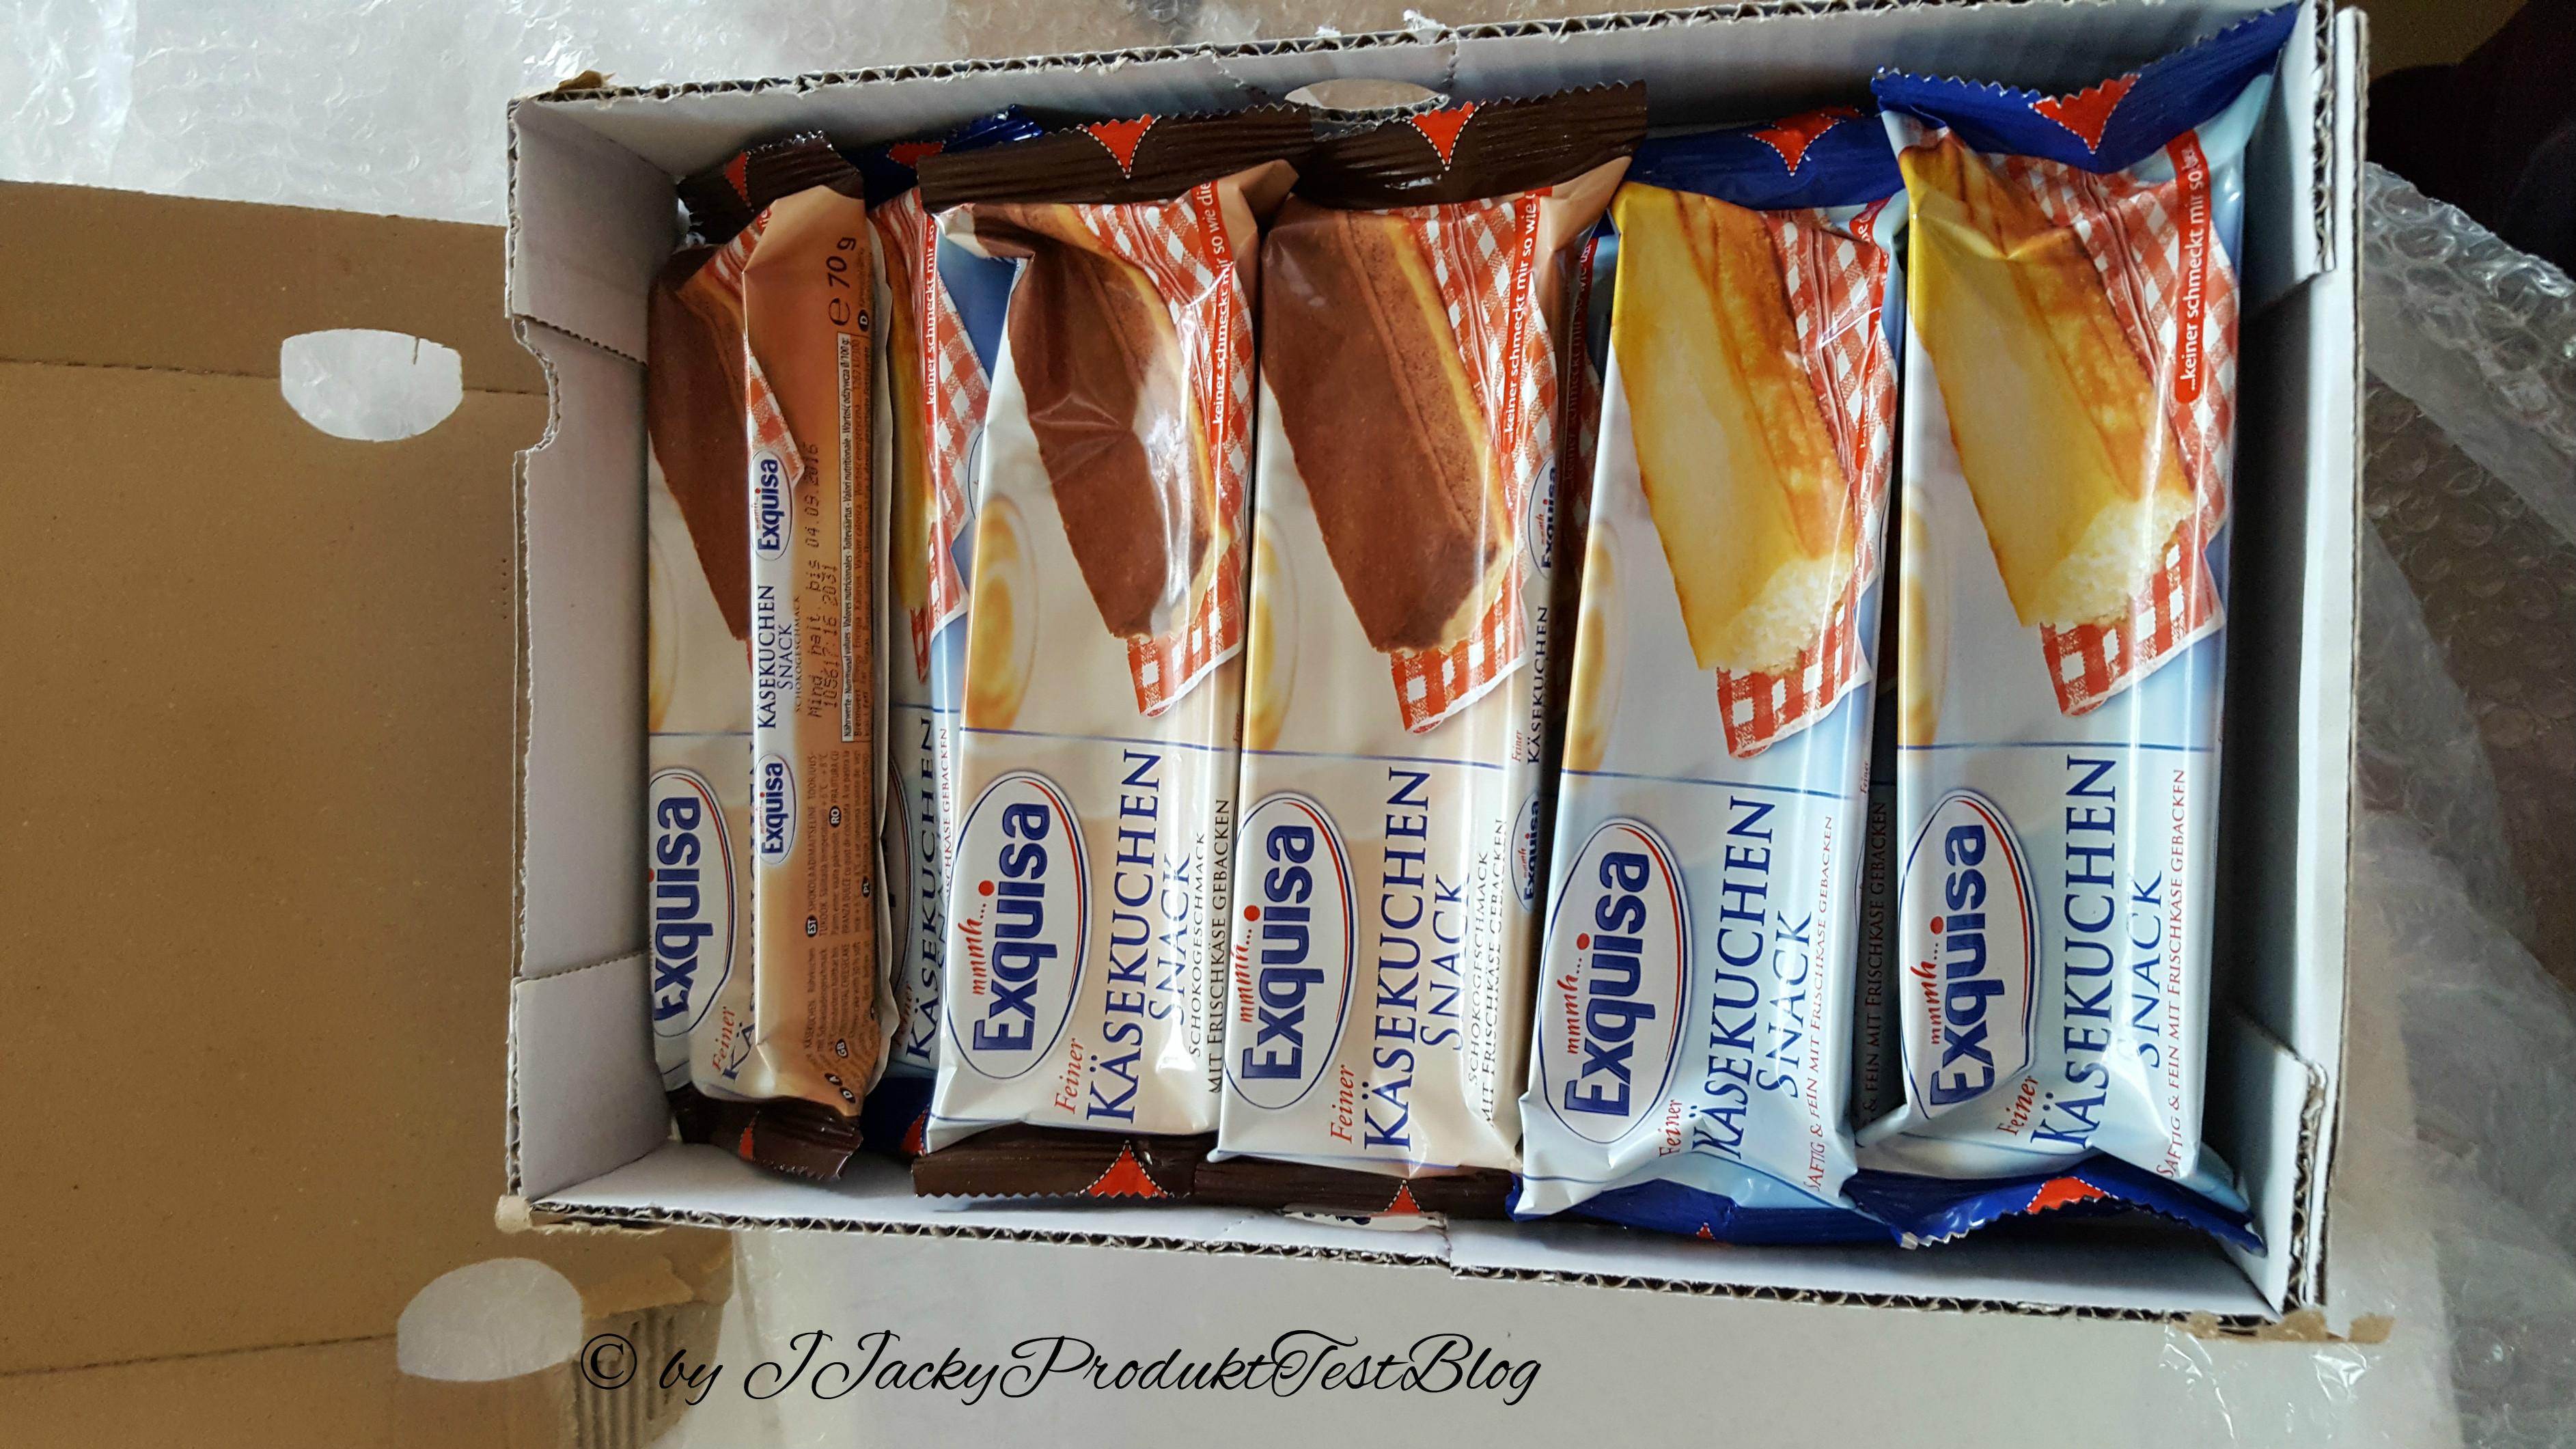 Exquisa Testpaket Käsekuchen Snack Natur und Schoko